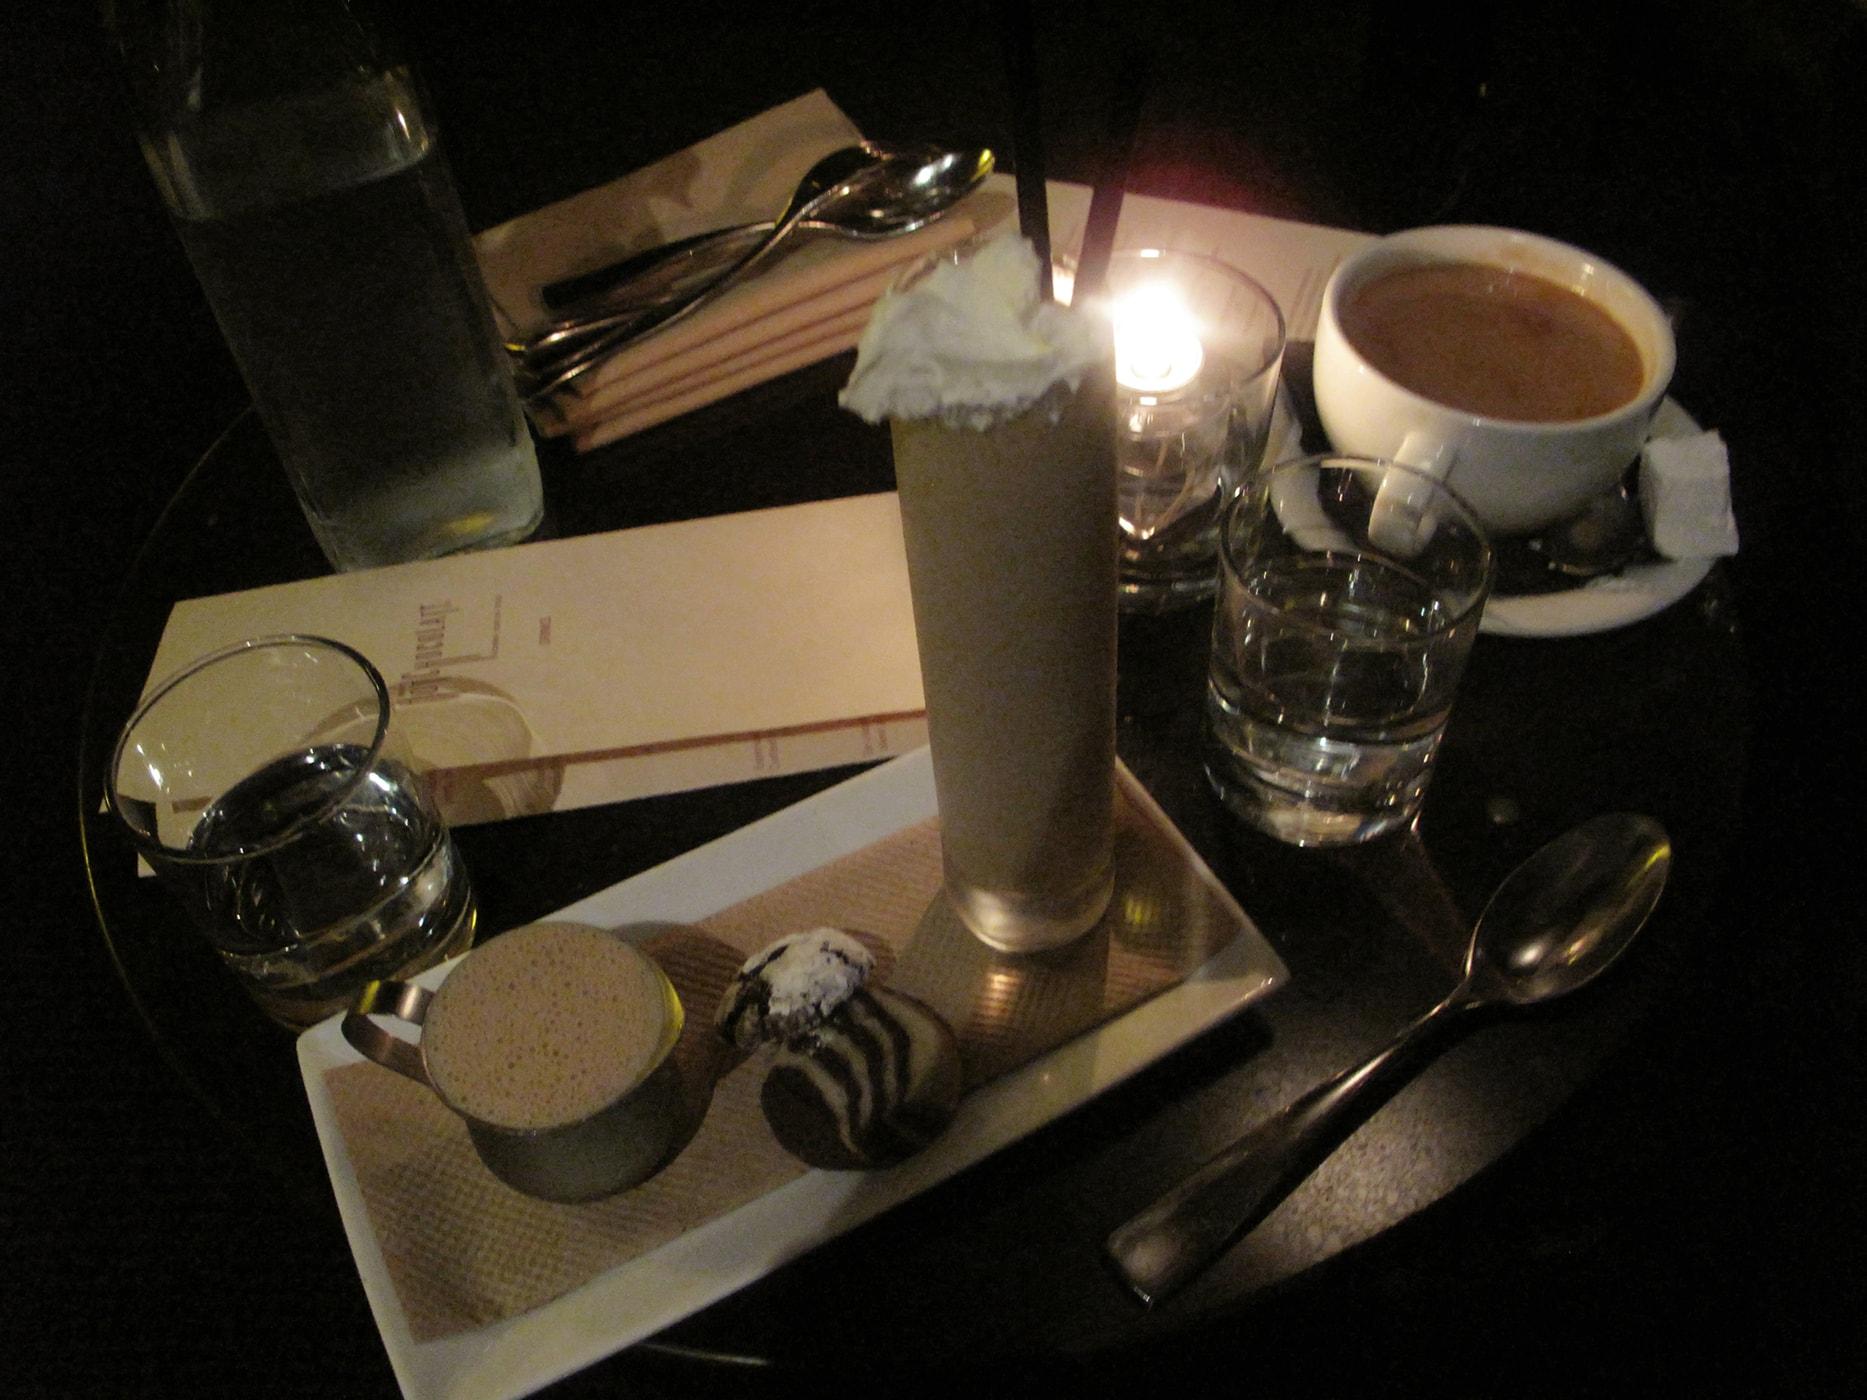 Hot chocolate and milkshake from Mindy's Hot Chocolate.